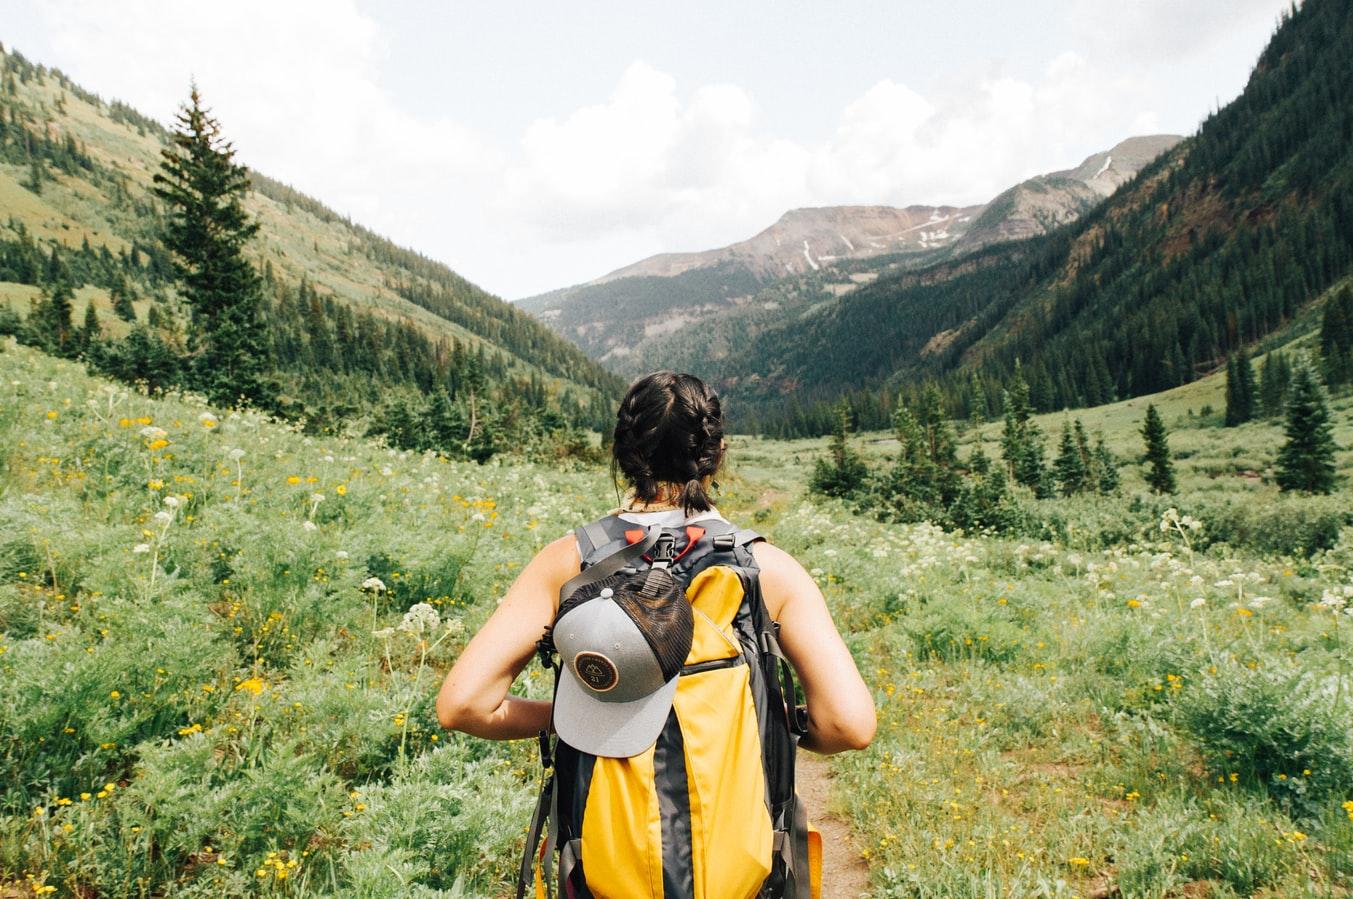 nov1 - Sådan kan du få fantastiske naturoplevelser